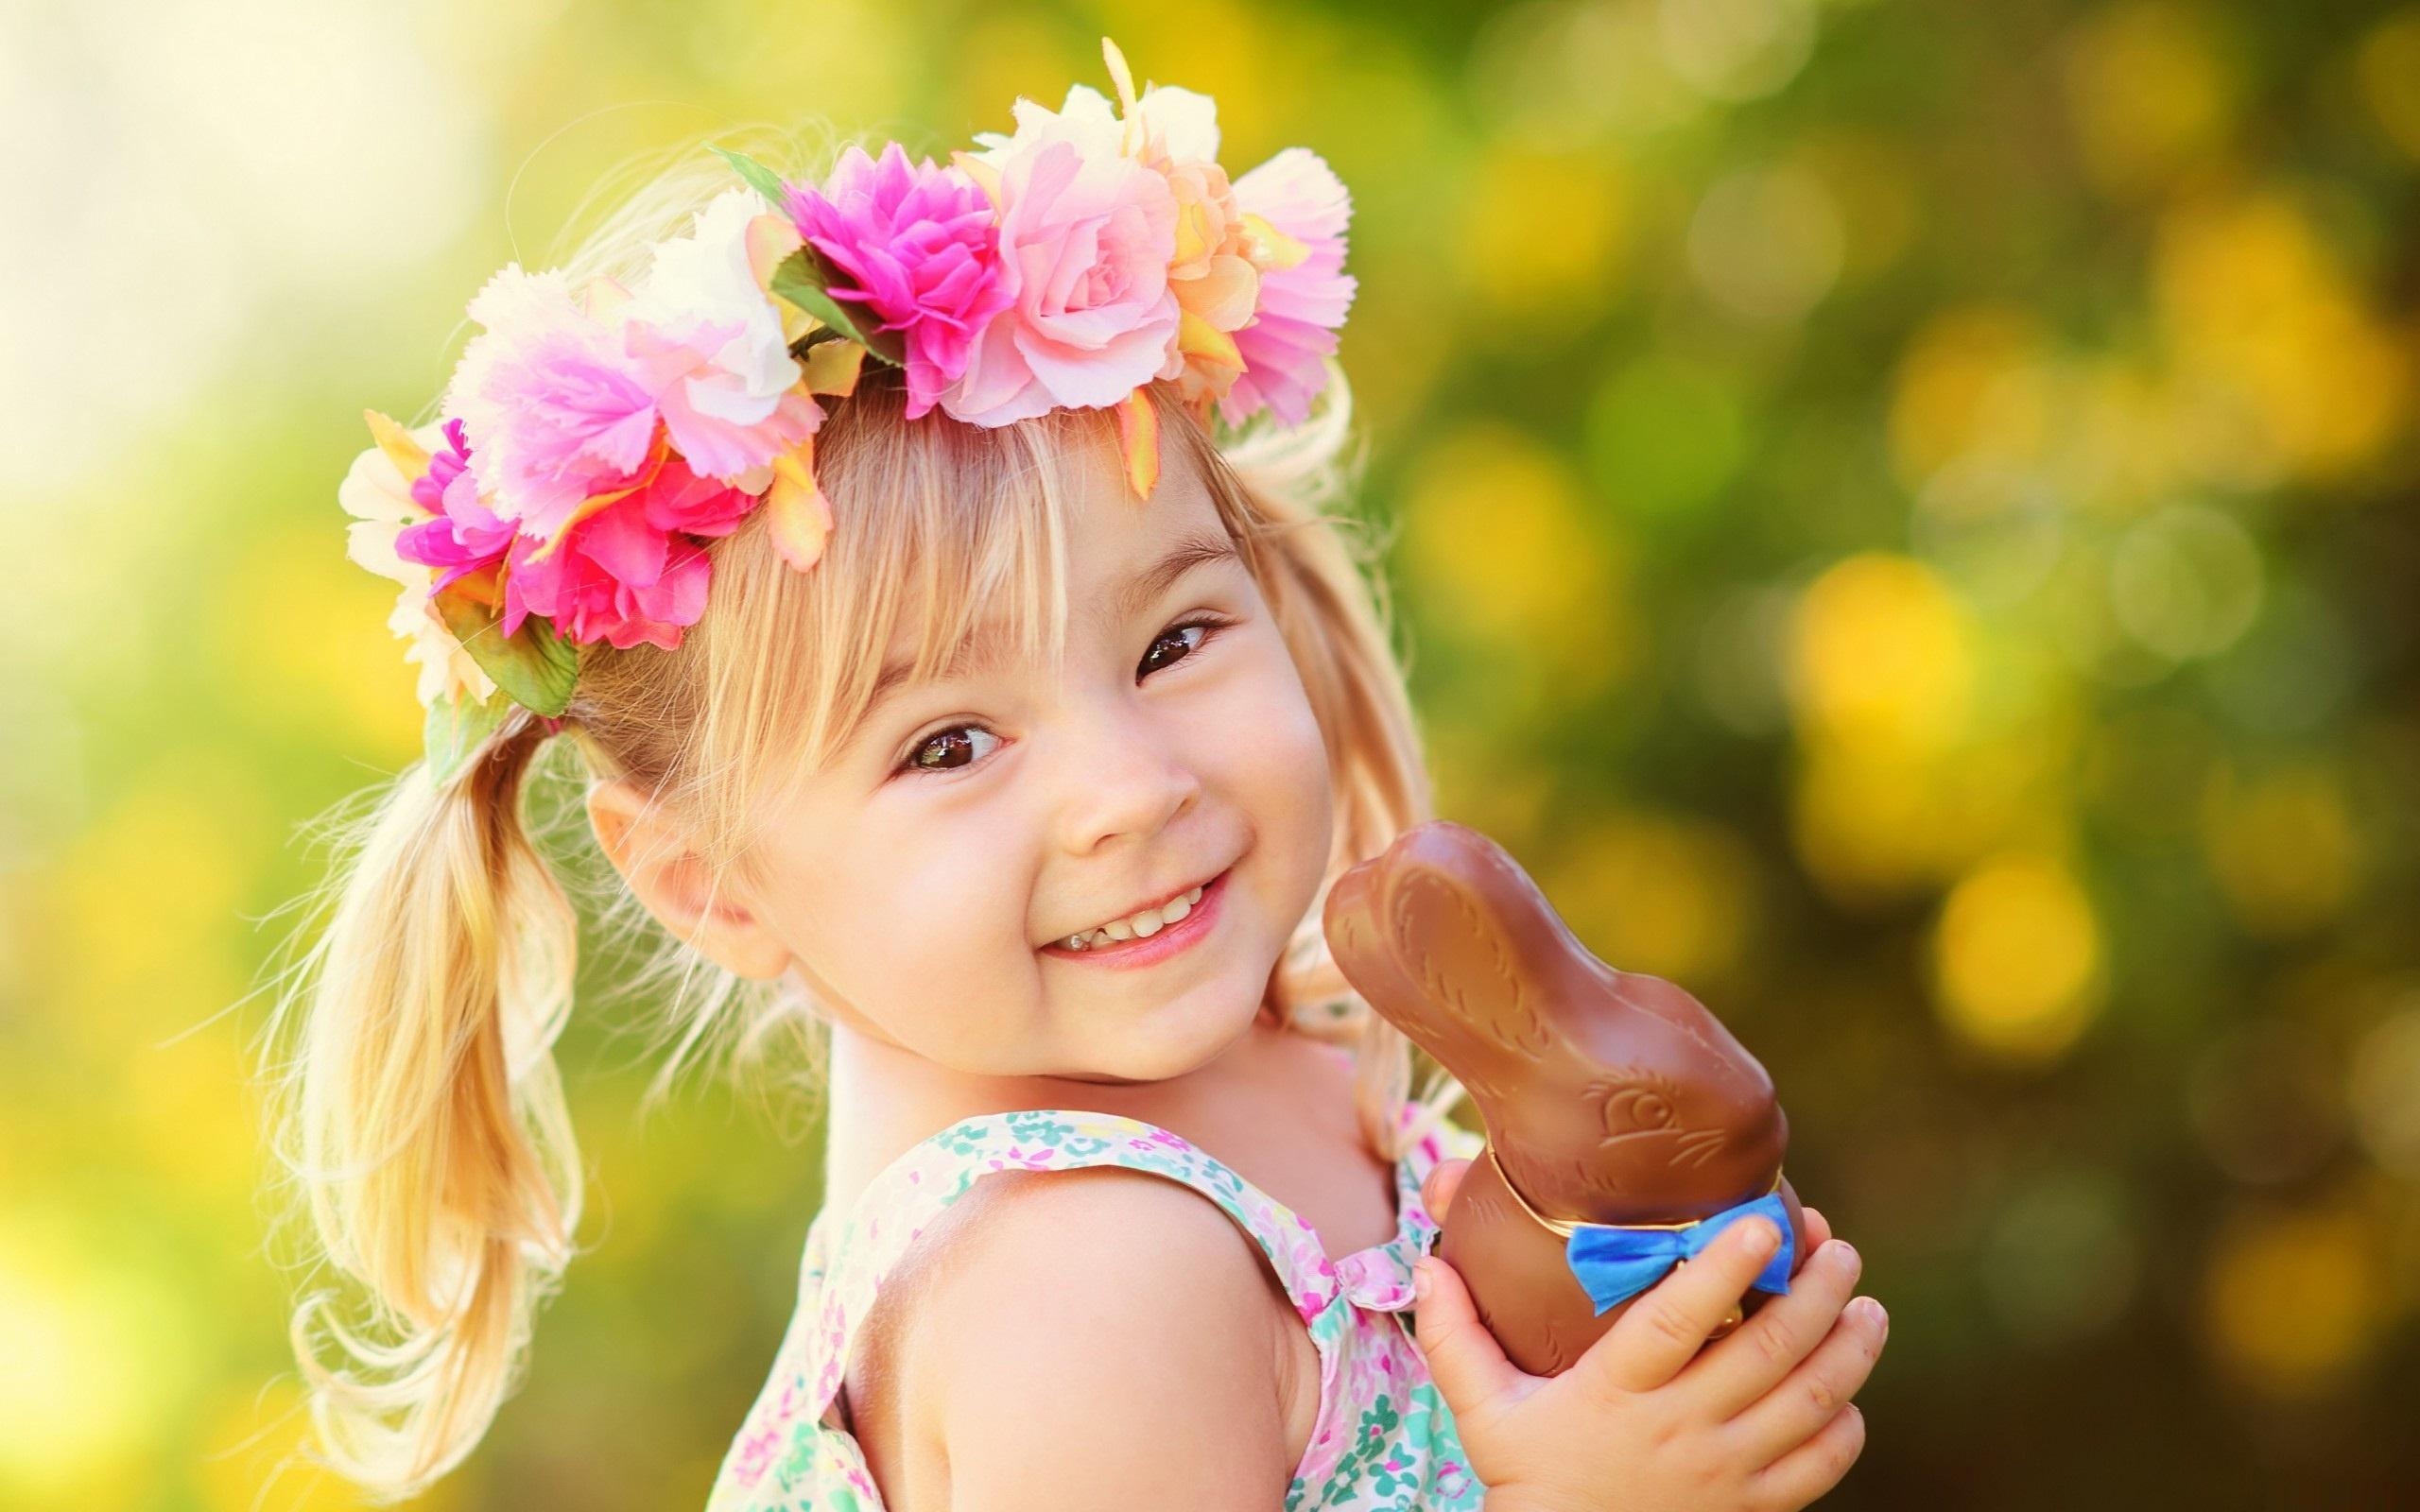 بالصور صور اطفال شعرهم اشقر اجمل صور اطفال شقر , صورة طفل جميل 4330 5